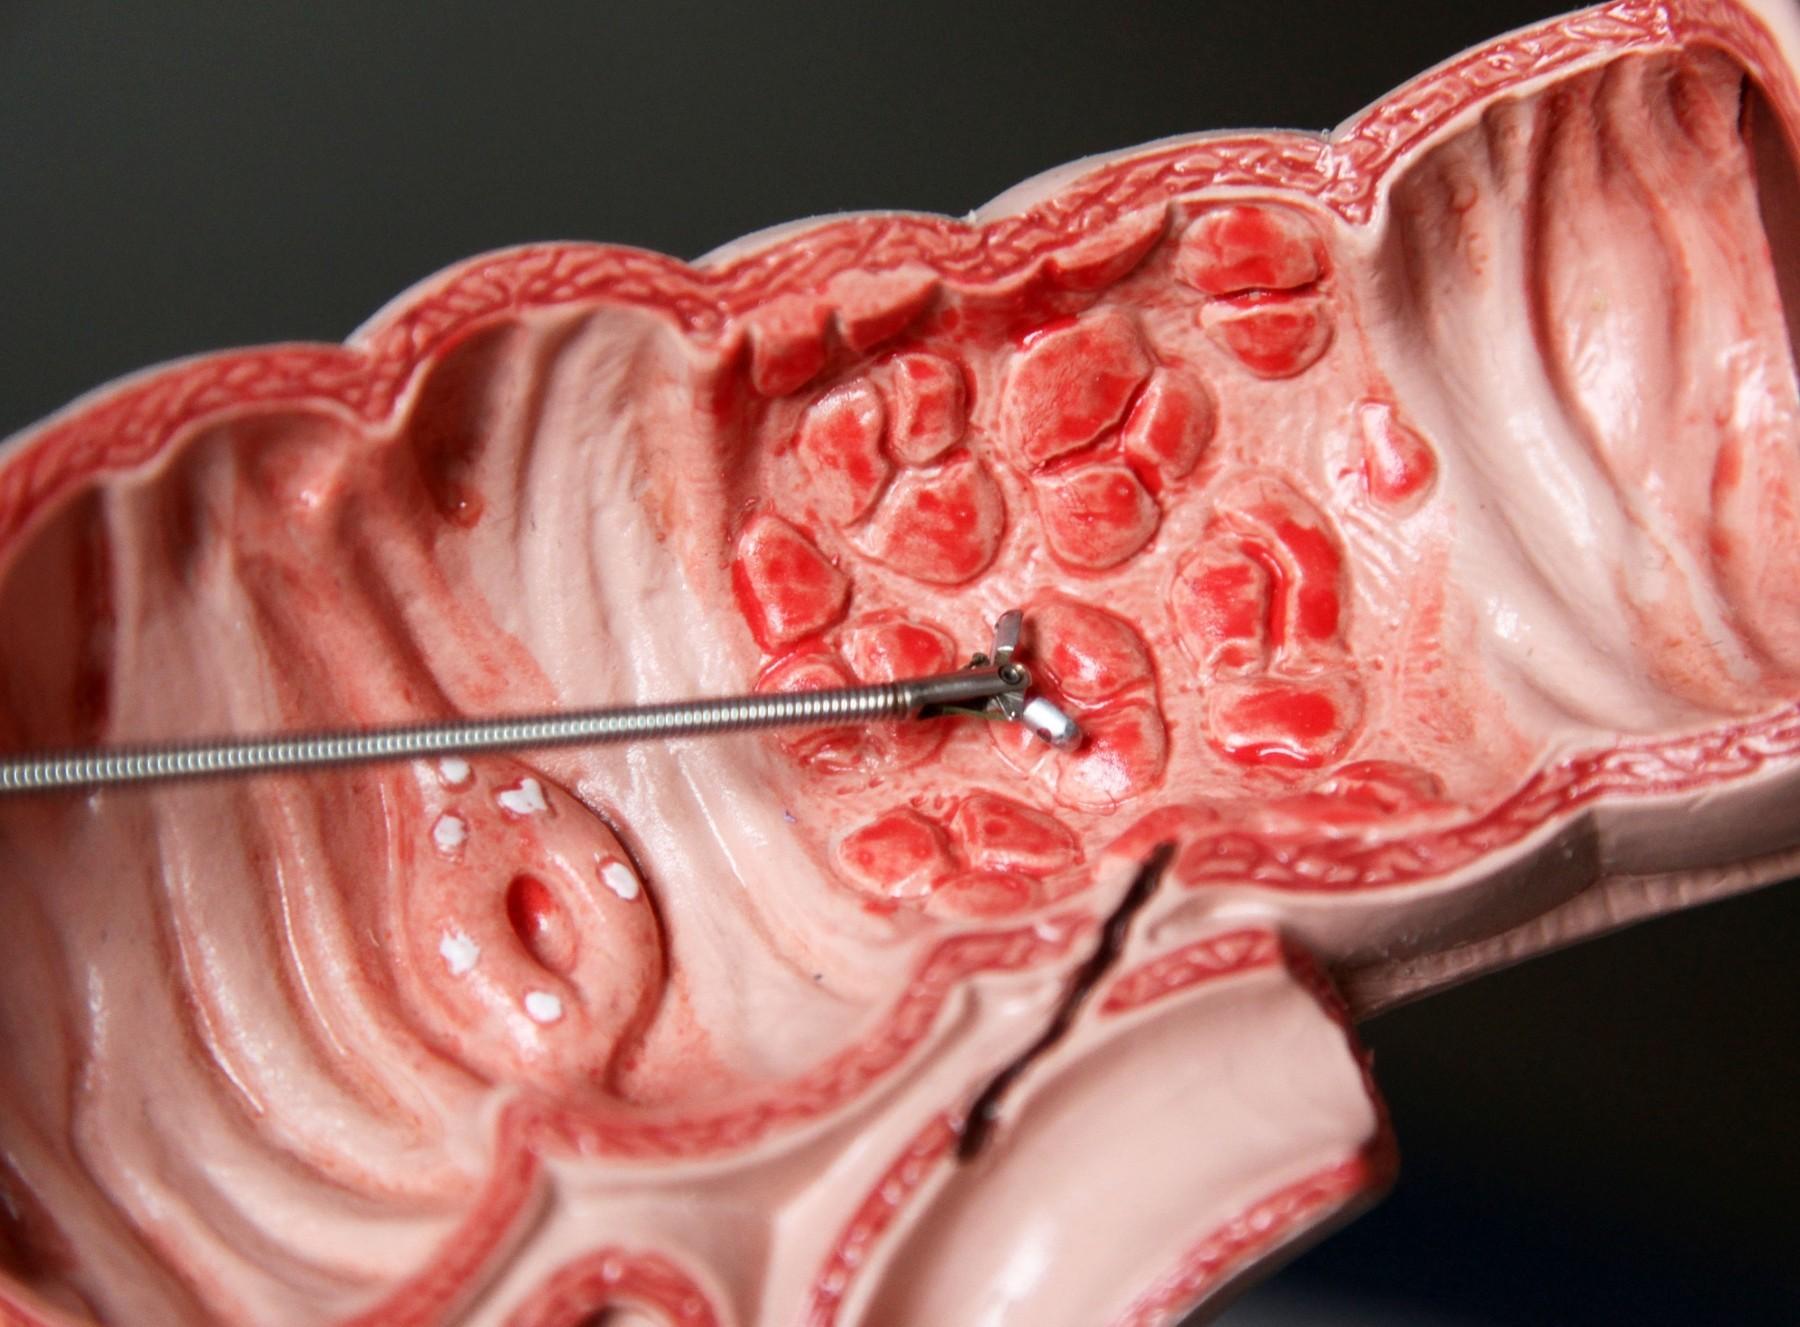 Осложнения язвенной болезни желудка и 12-перстной кишки